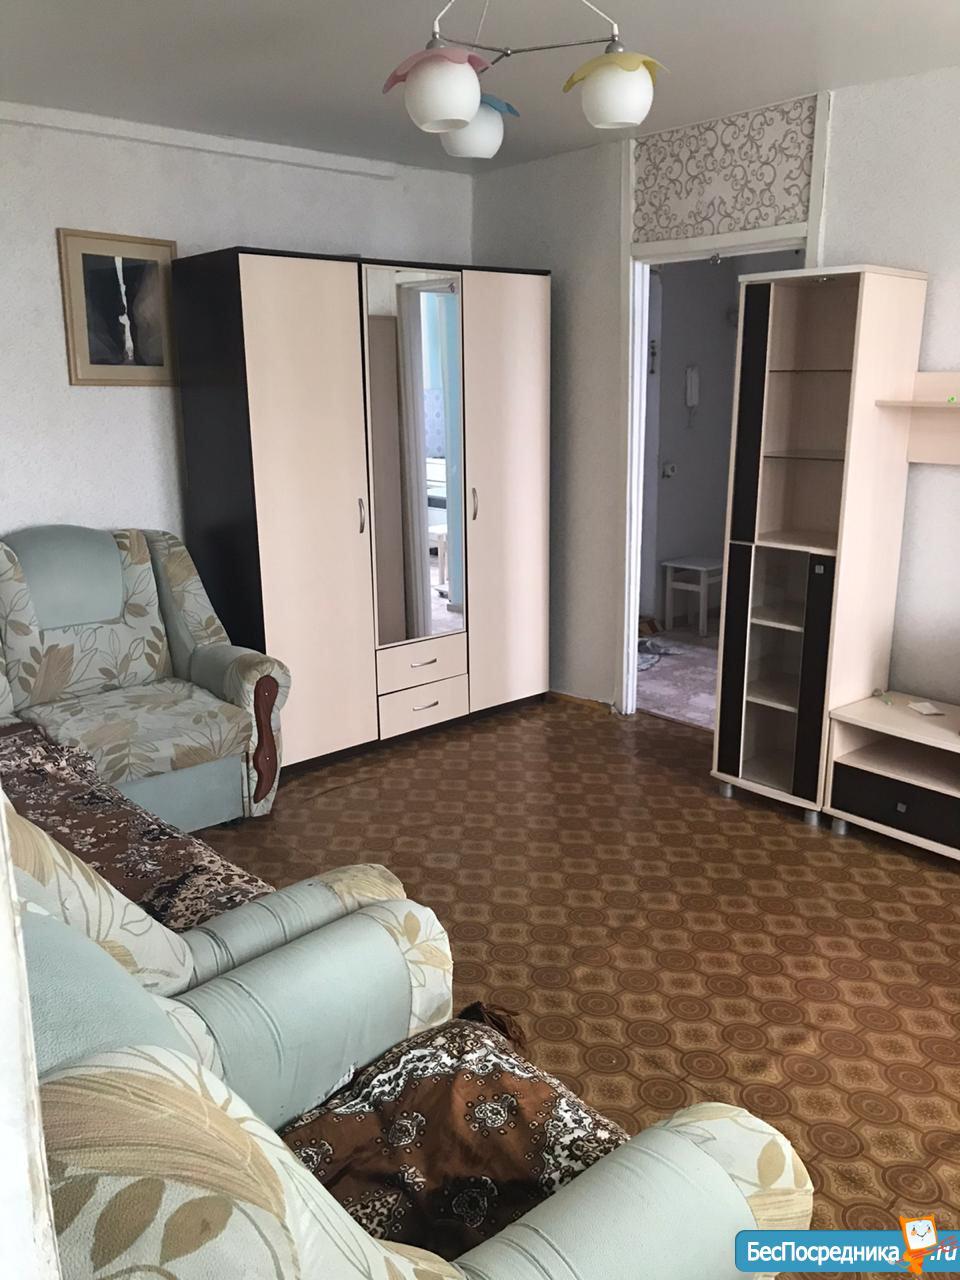 российскими аренда квартир в г обь с фото днем рождения